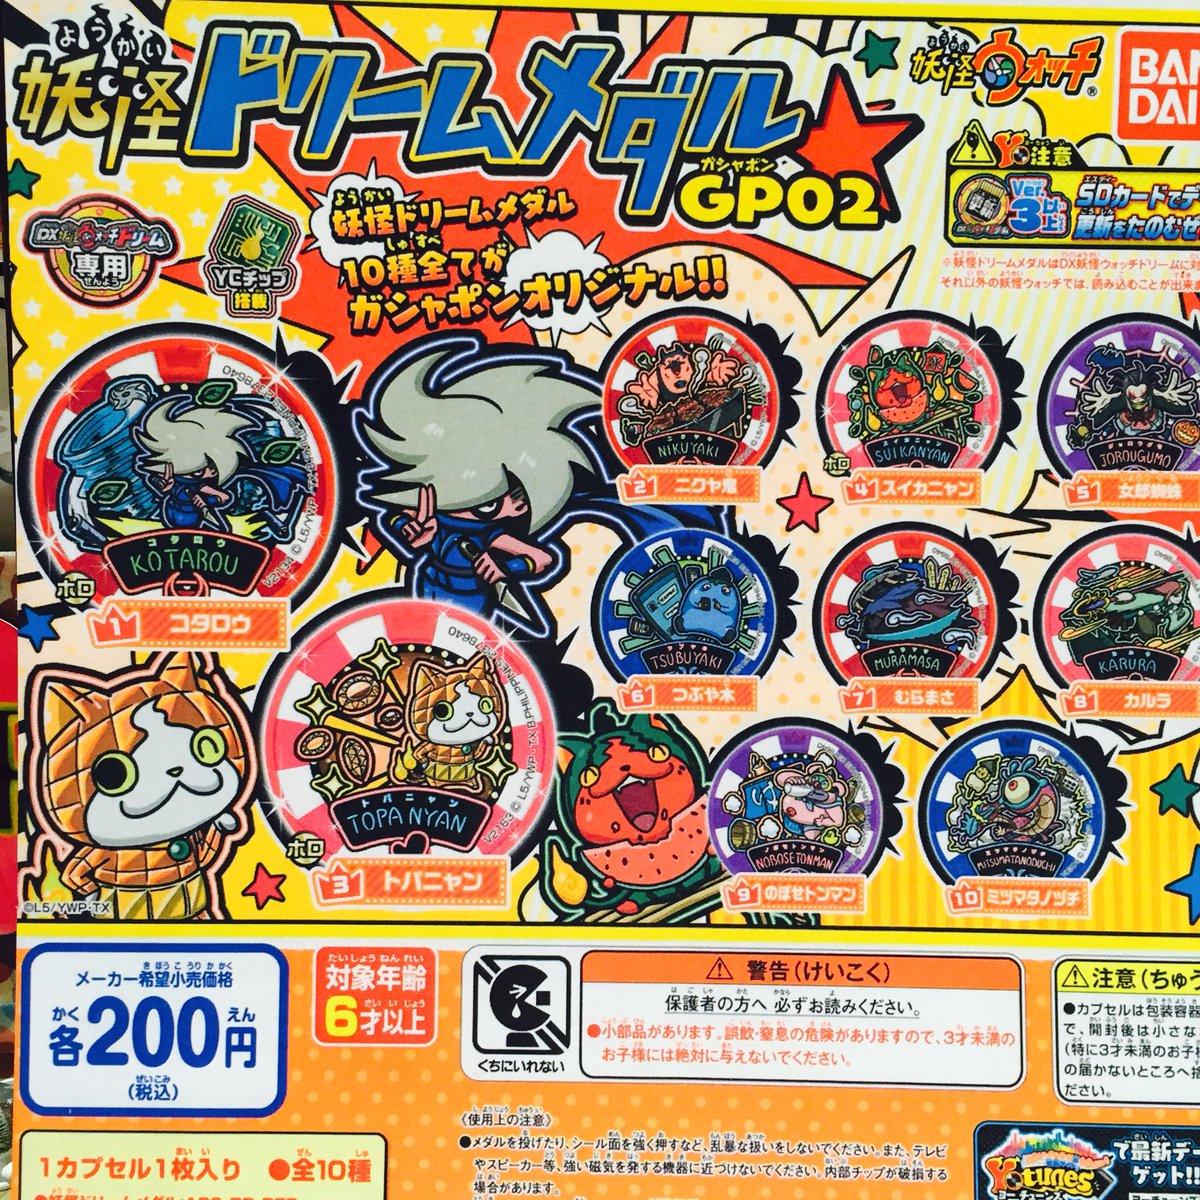 つづき♡♪妖怪ウォッチ 妖怪ドリームメダルGP02♪ドラゴンボール超UDMバースト23♪ぷにぷにシリーズ柿の種ストラップ